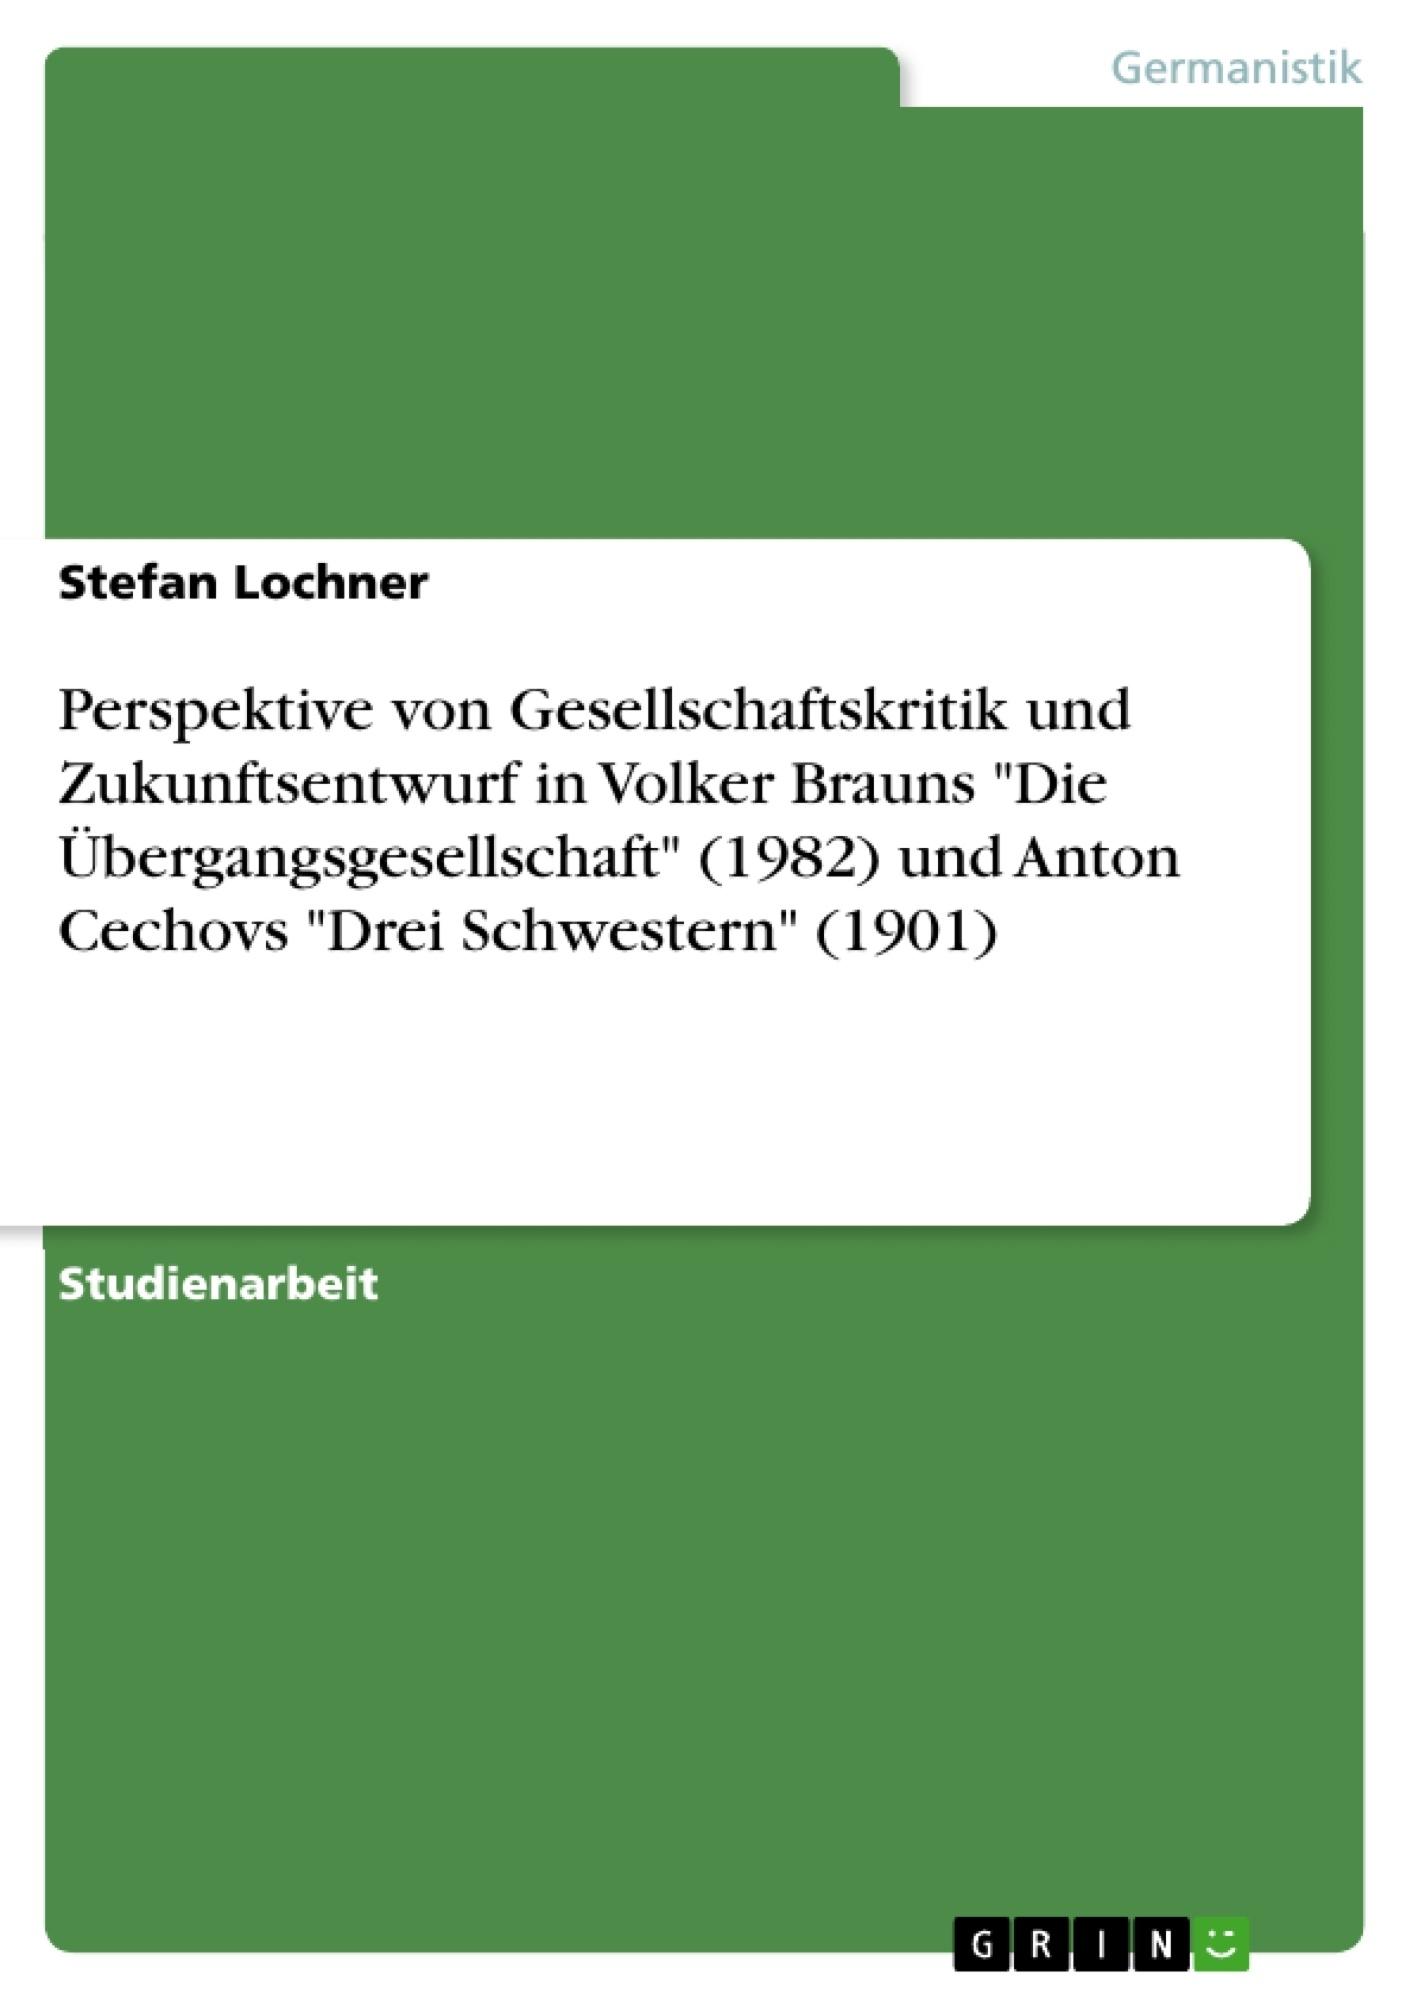 """Titel: Perspektive von Gesellschaftskritik und Zukunftsentwurf in Volker Brauns """"Die Übergangsgesellschaft"""" (1982)  und Anton Cechovs """"Drei Schwestern"""" (1901)"""